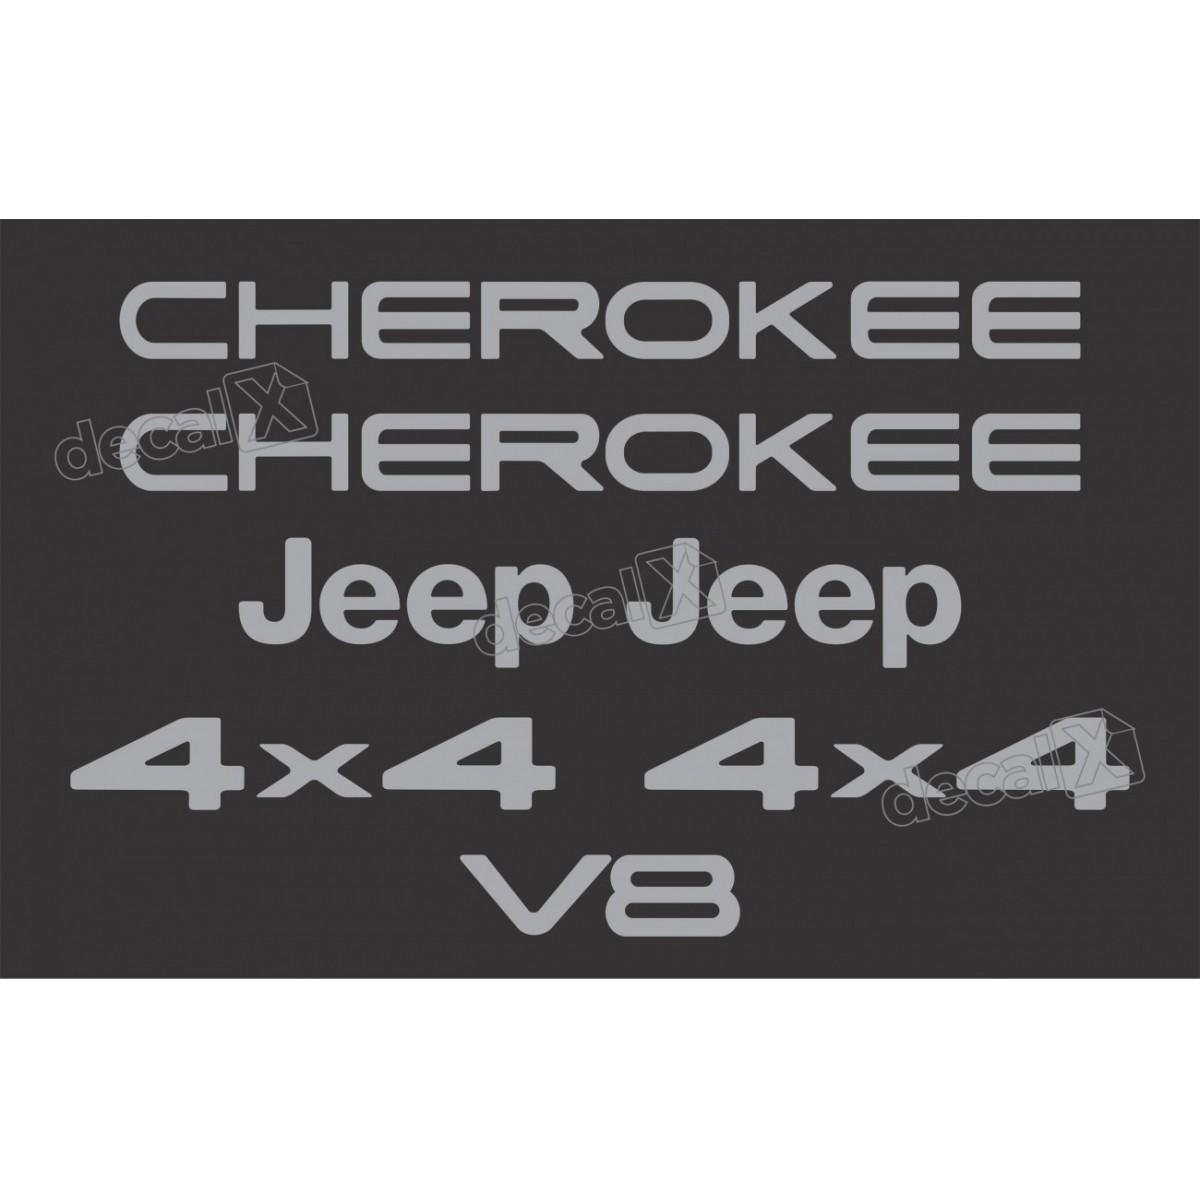 Kit Emblema Adesivo Resinado Cherokke 4x4 V8 Cromado